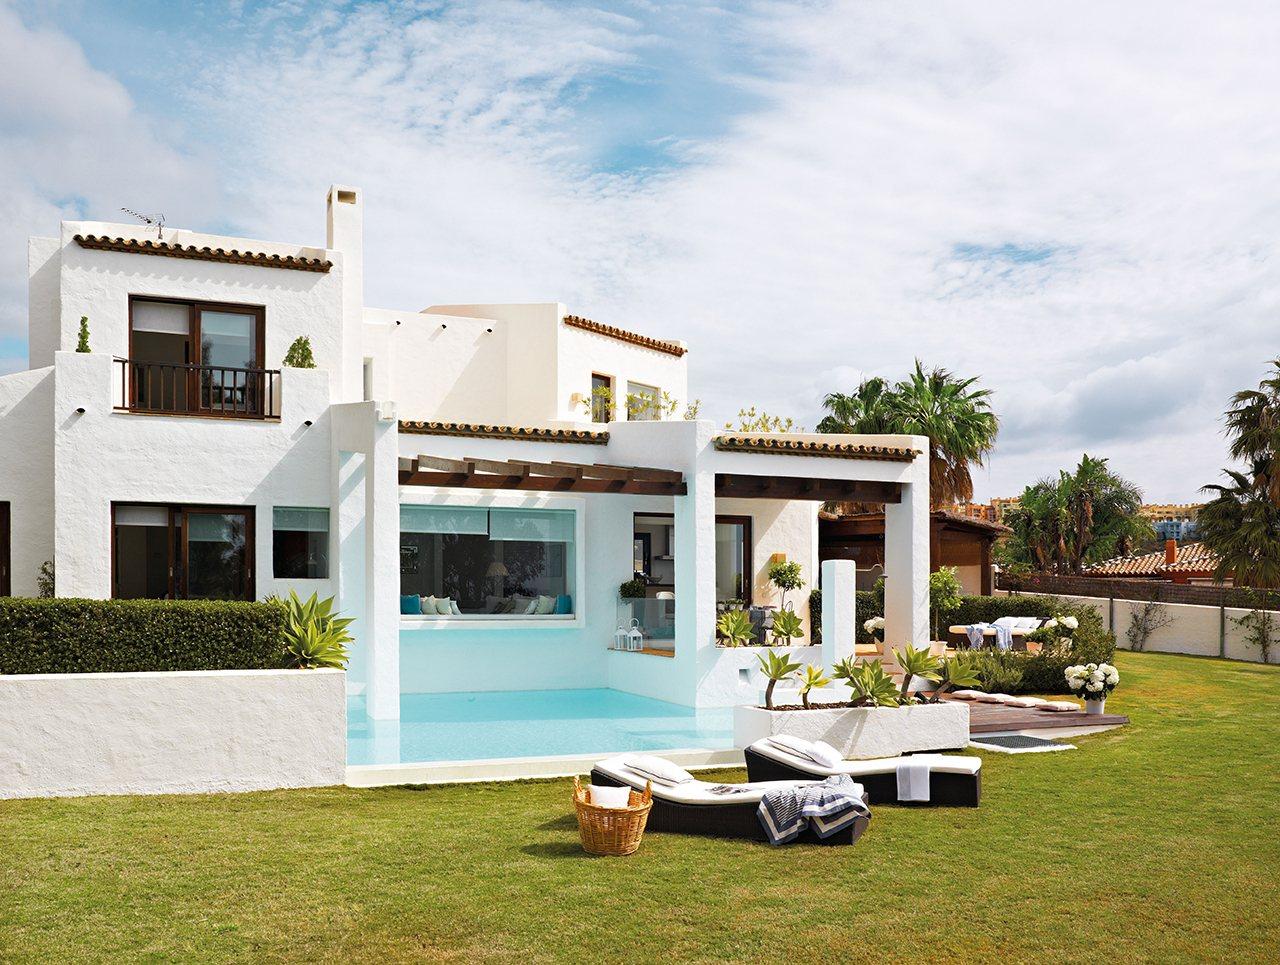 160 - Esencia andaluza de luz y frescura en una preciosa casa en Sotogrande, Cádiz